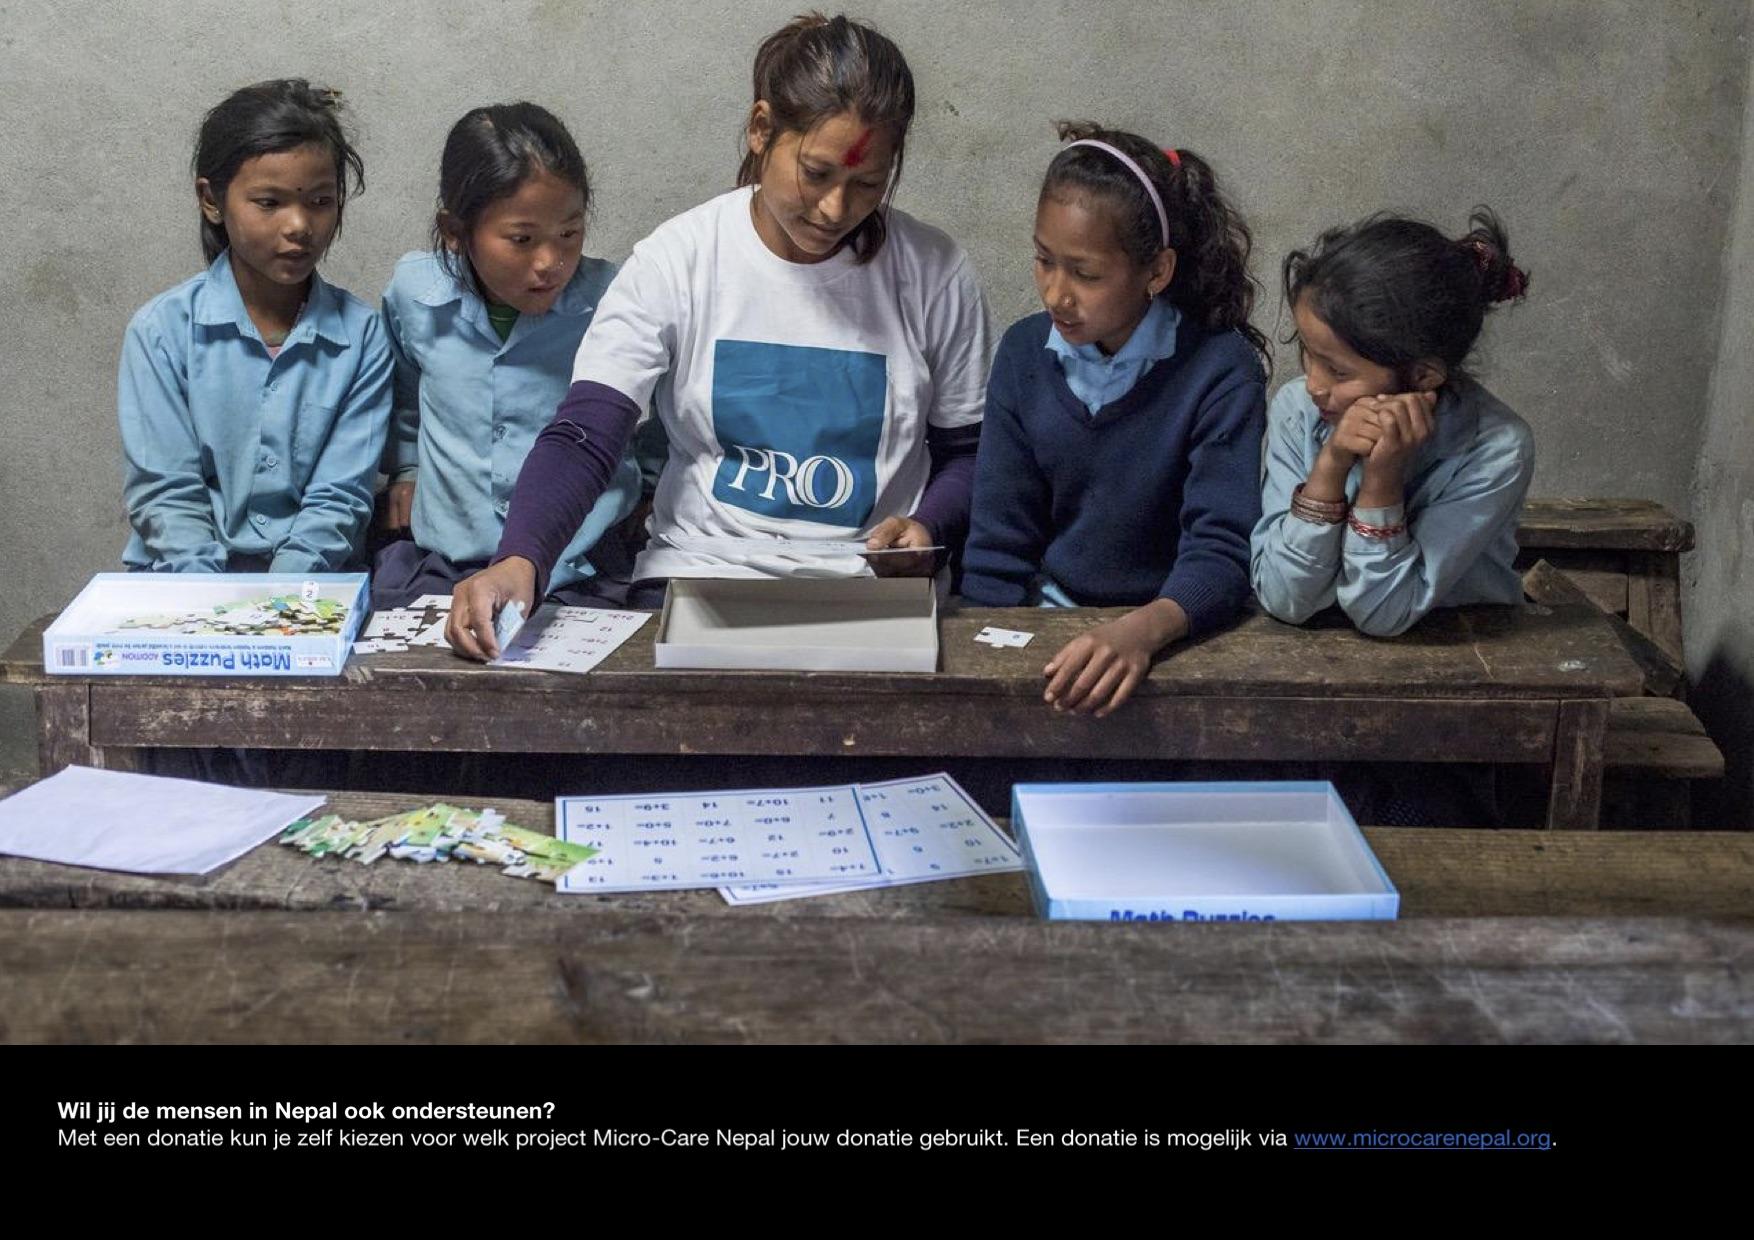 Sponsoring-Micro-Care-Nepal-9.jpg